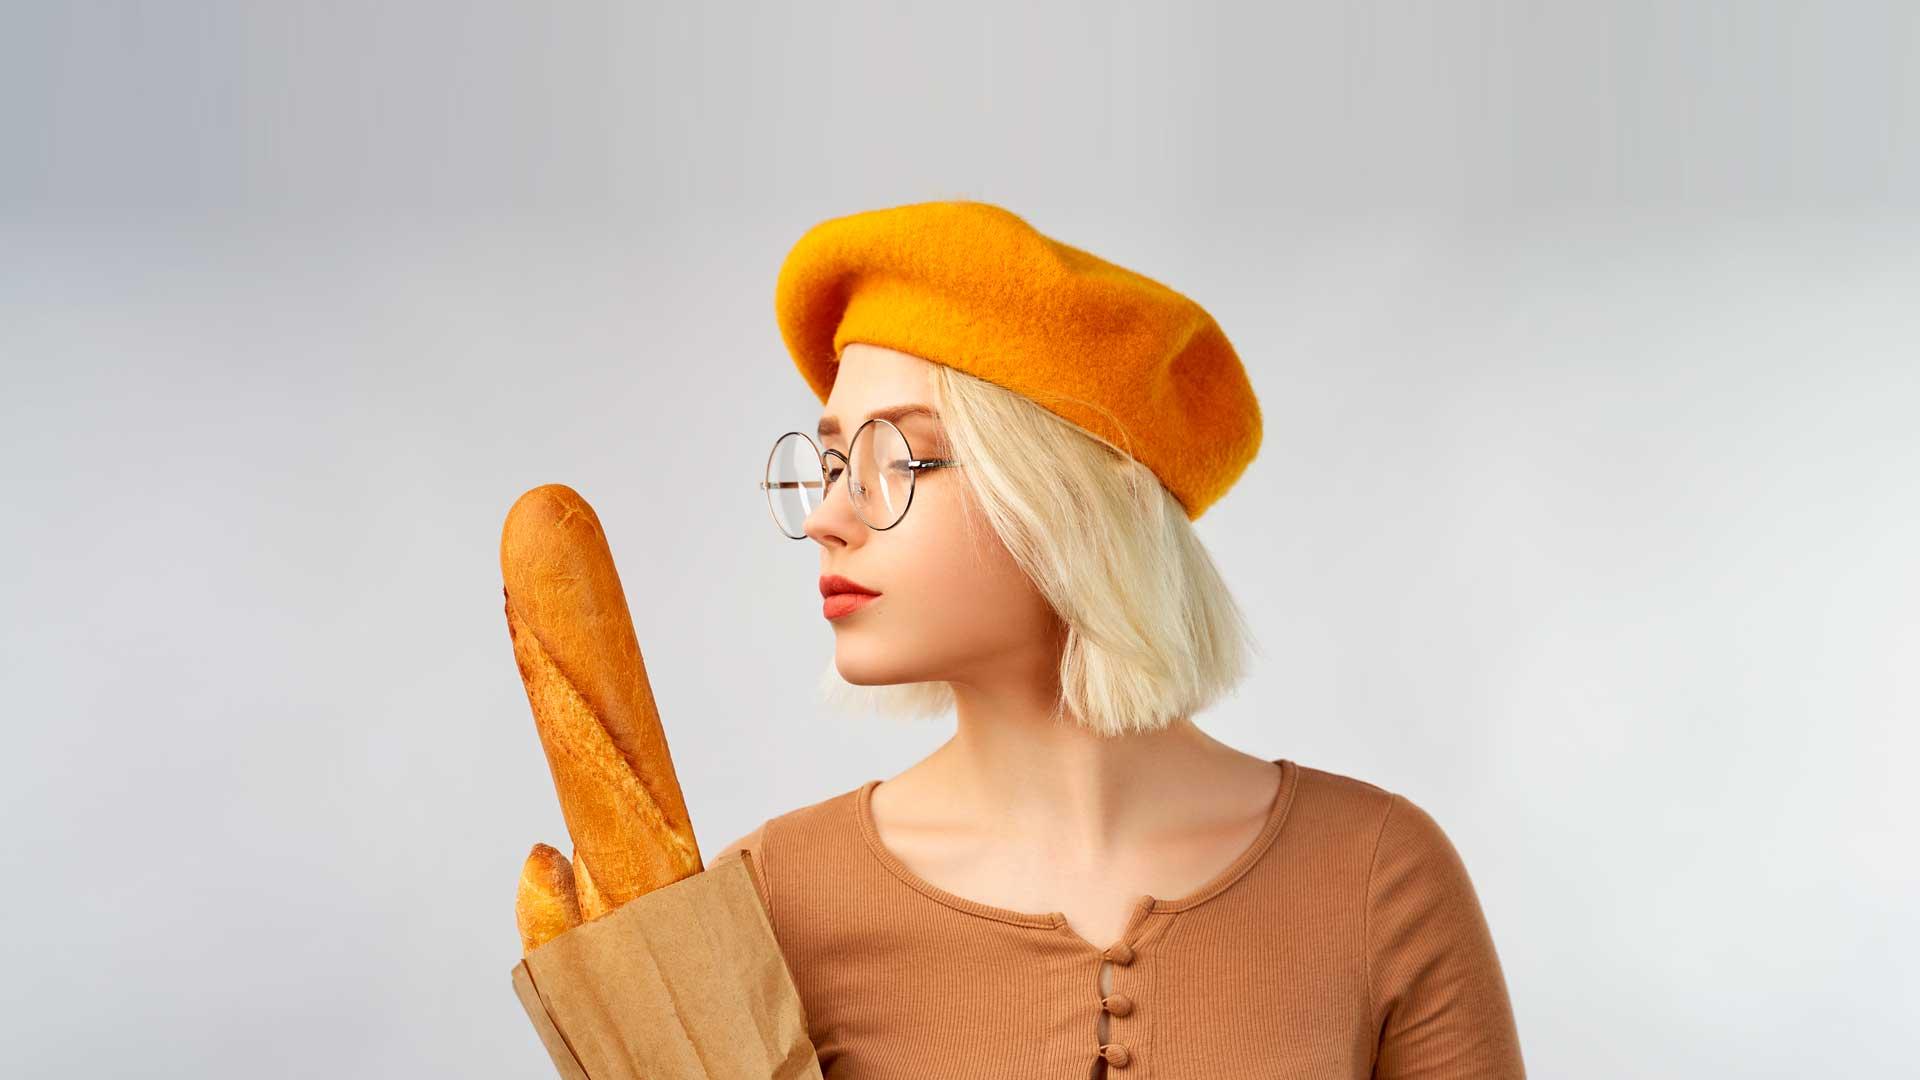 5 clichés sobre los franceses: ¿verdad o mentira?